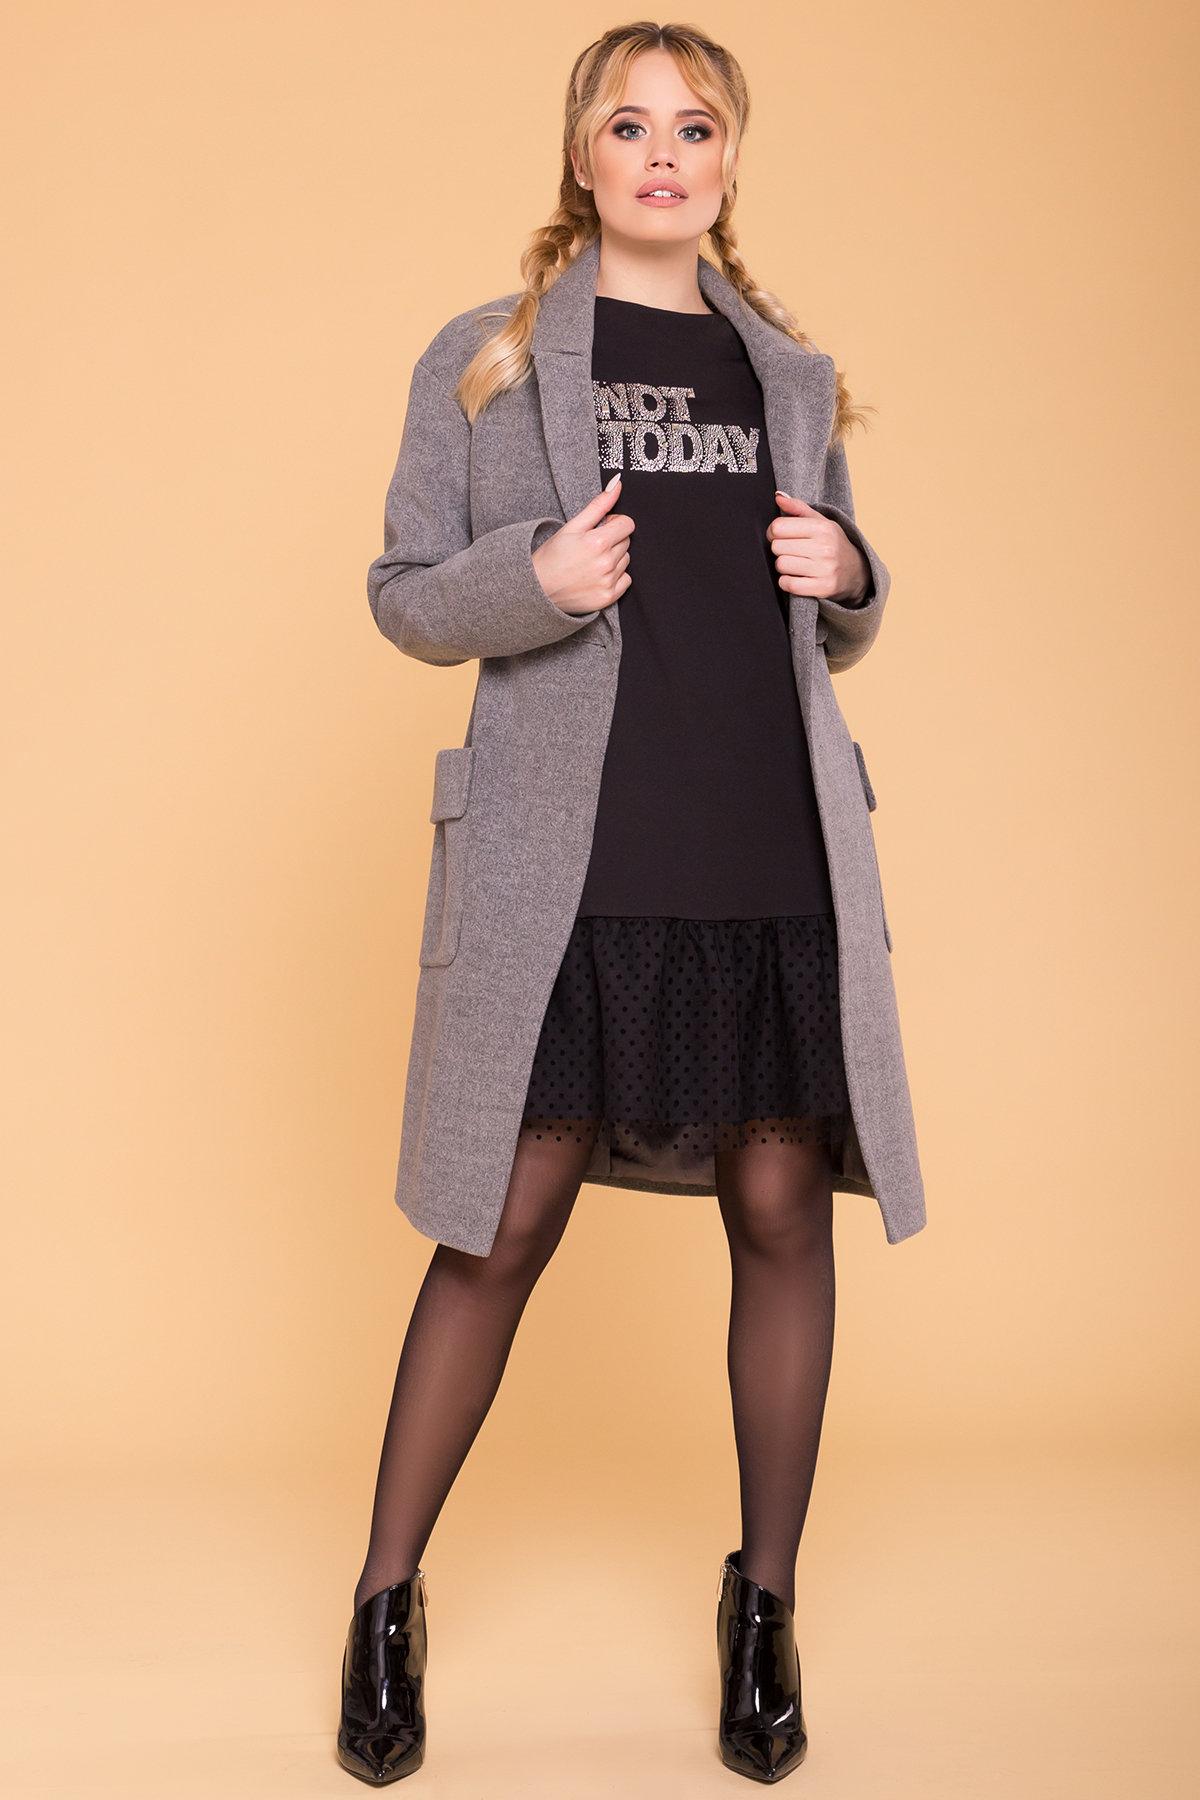 Пальто Парма (94) 6341 АРТ. 41170 Цвет: Серый 18 - фото 3, интернет магазин tm-modus.ru